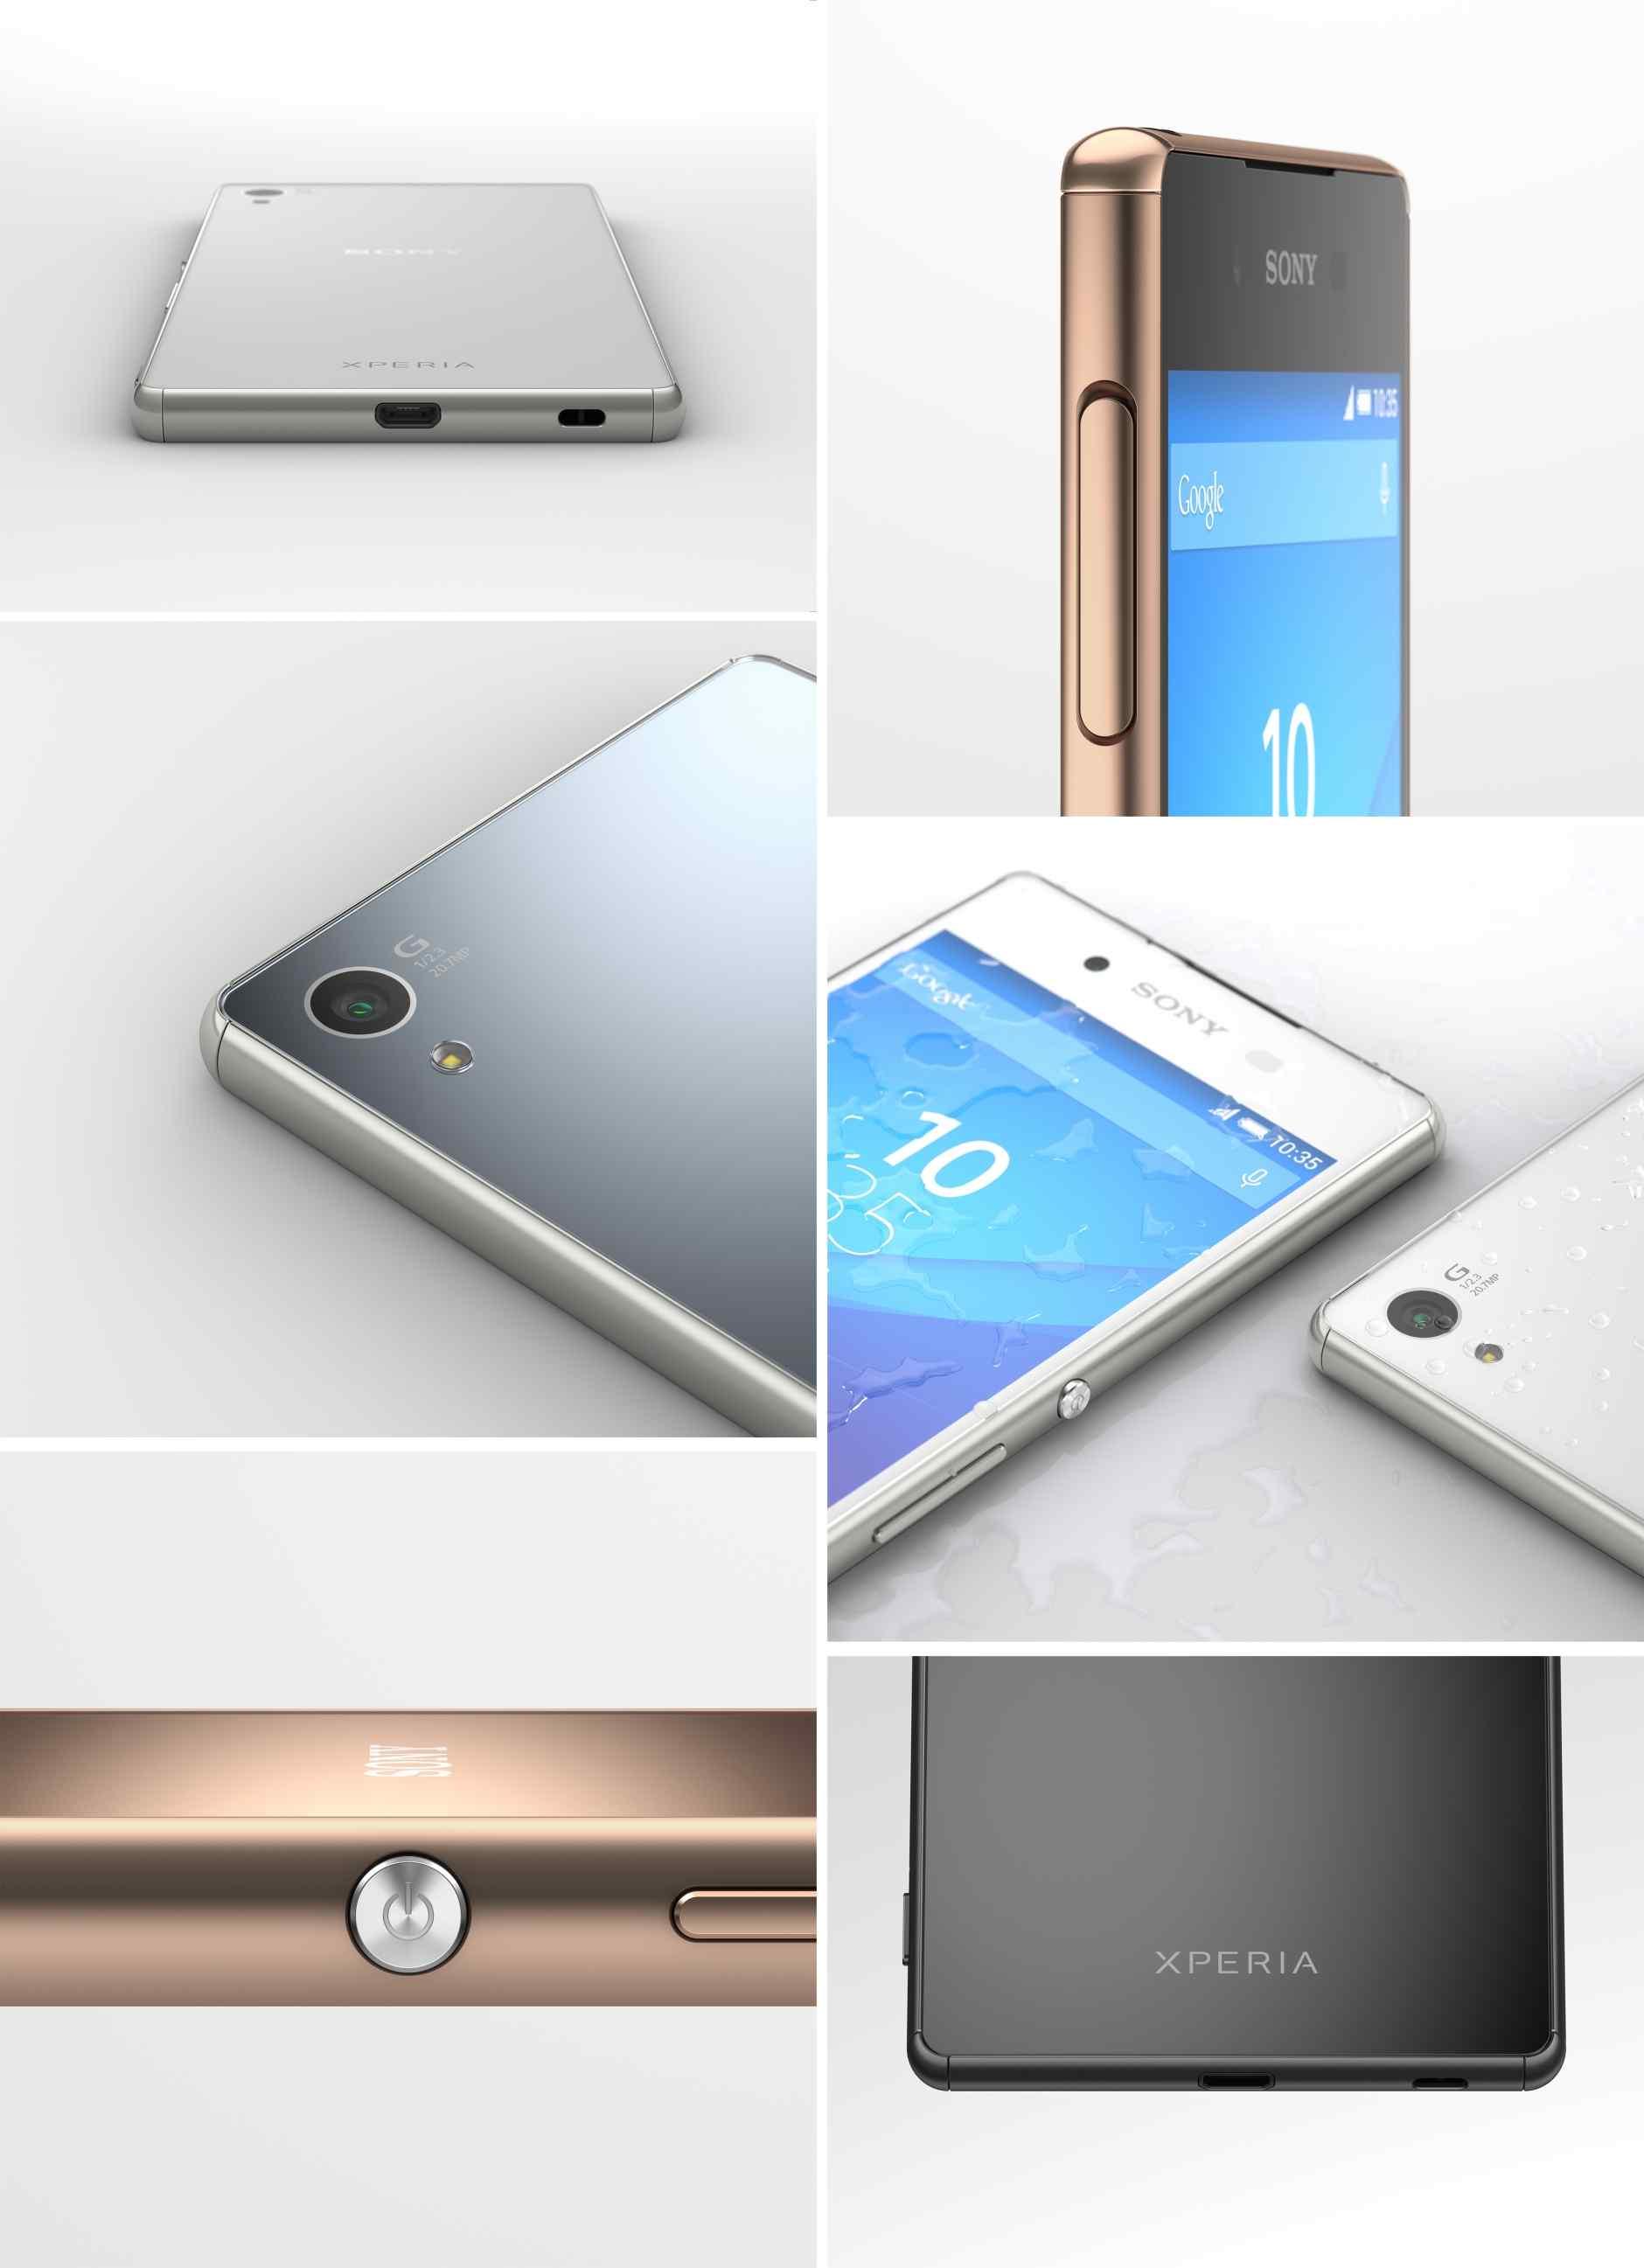 xperia-z3-plus-design-collage-484db0323a9287ca8c5bf316f7ece166-940x2